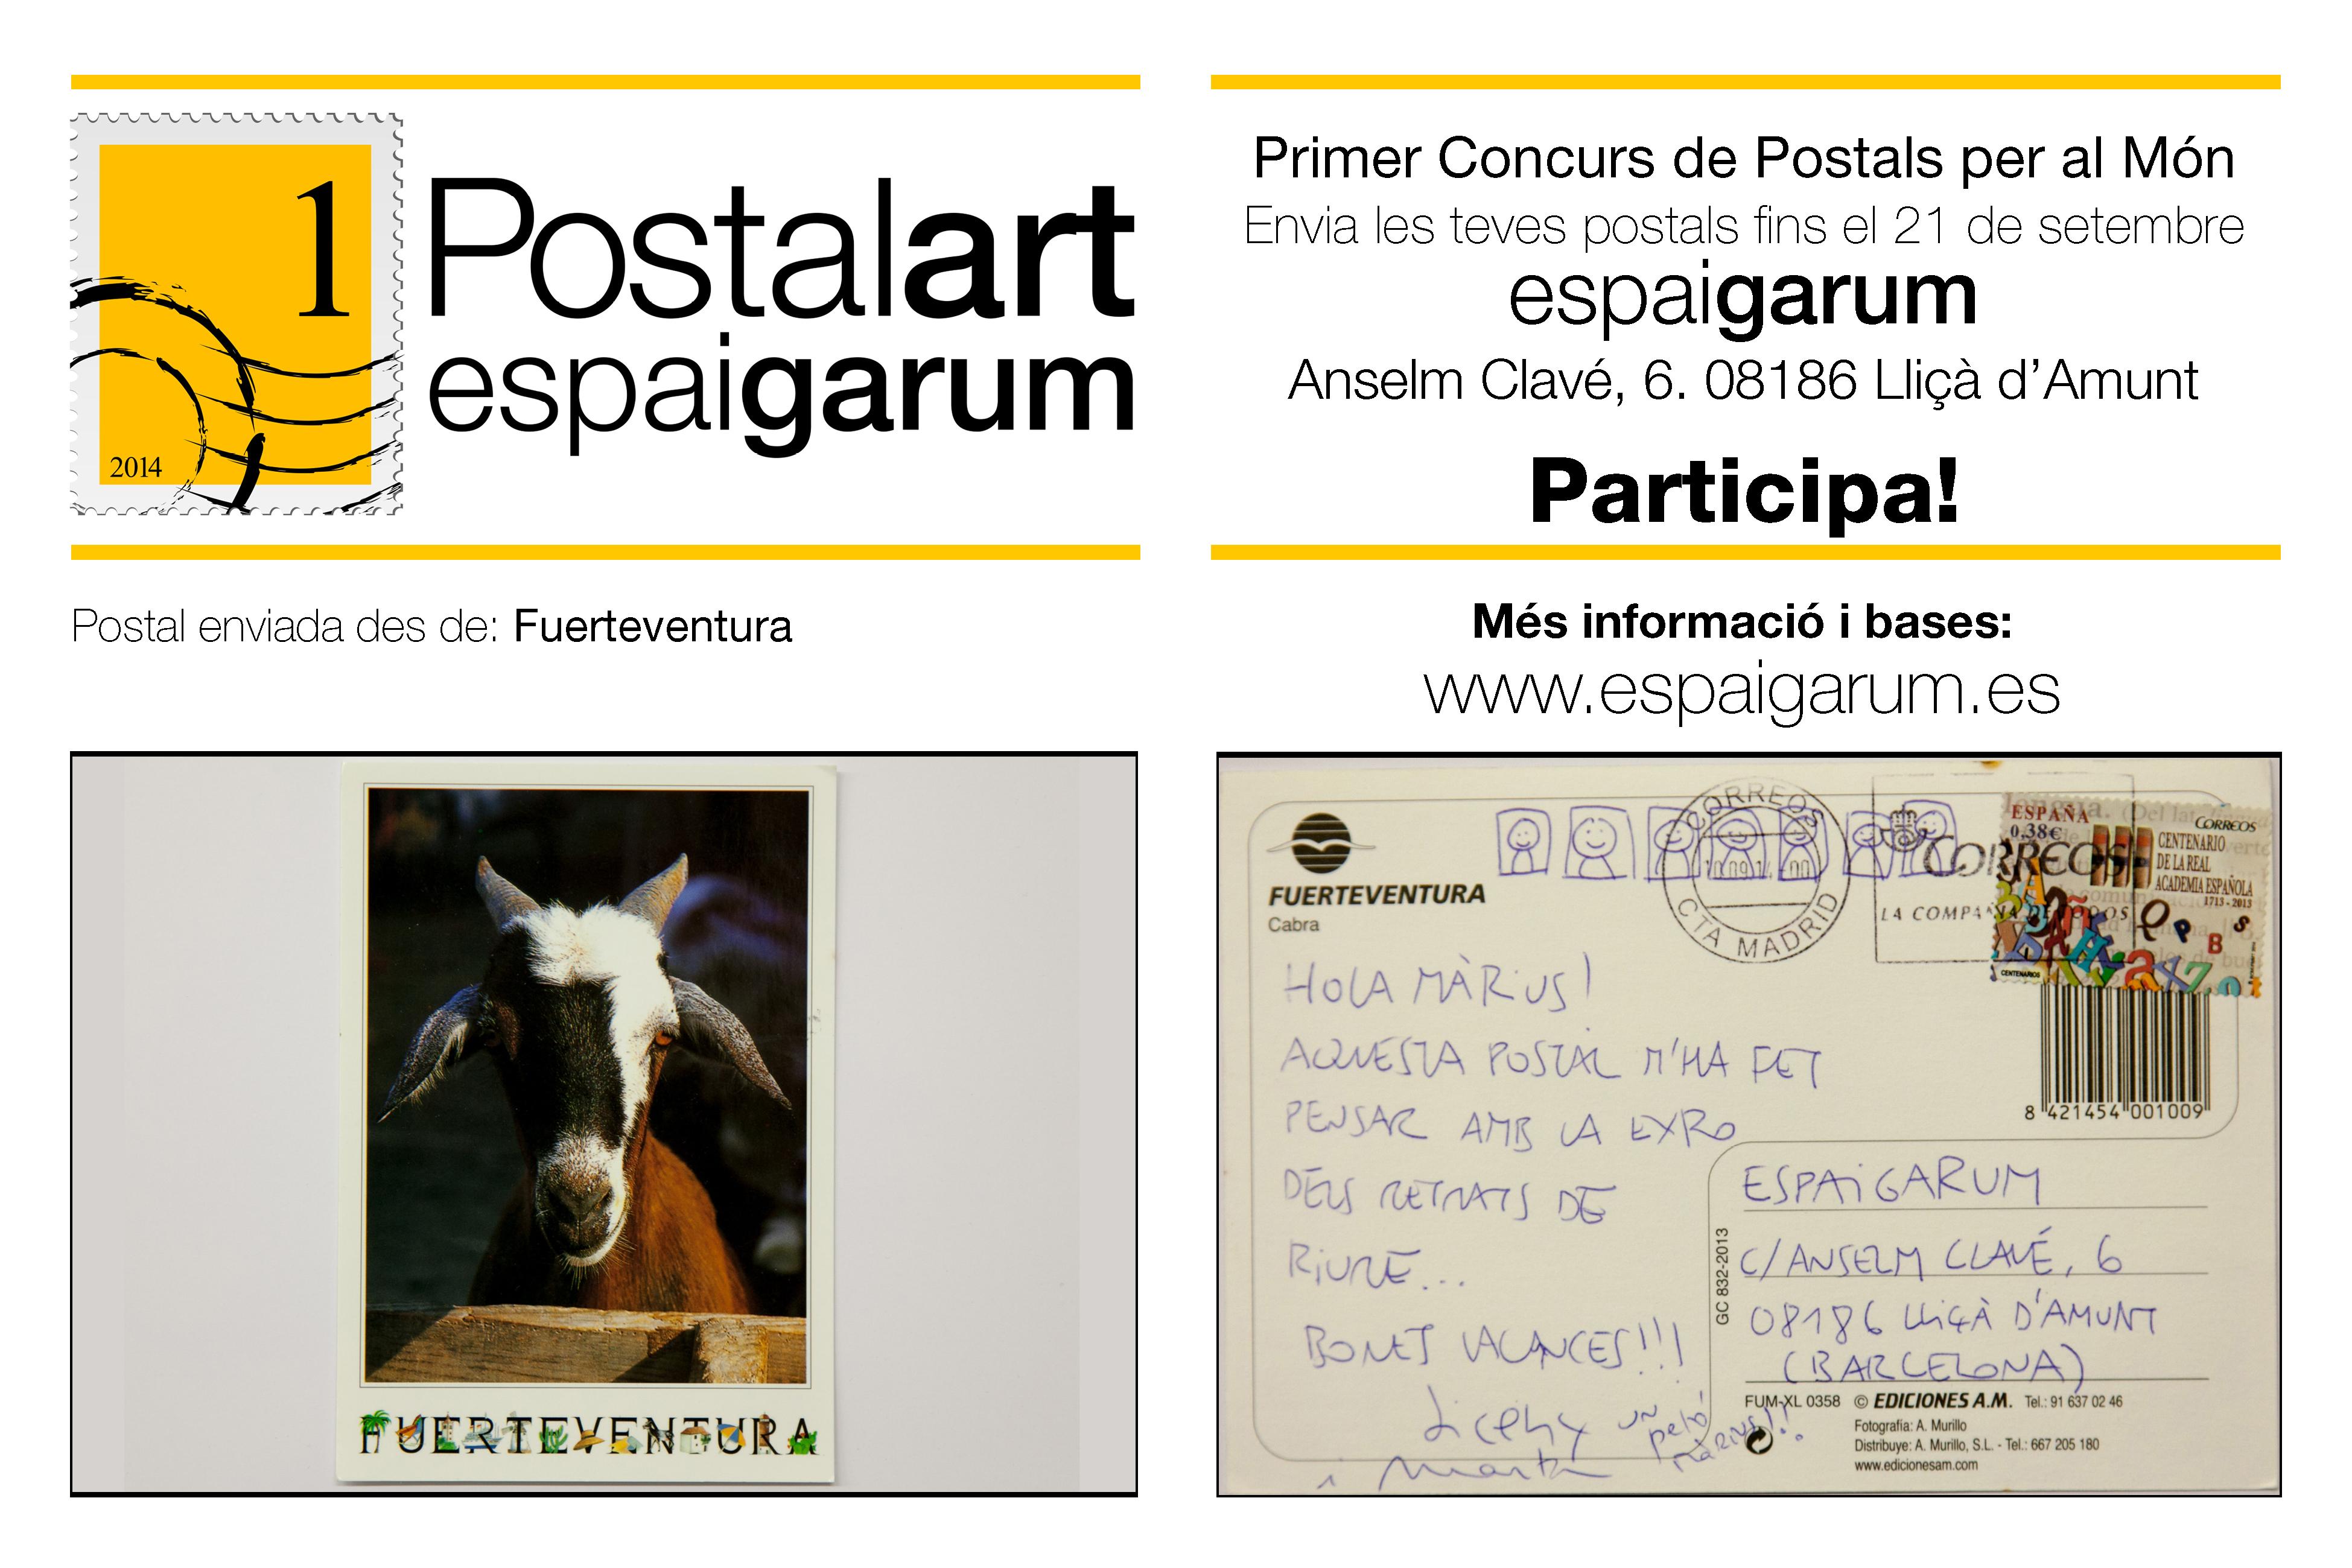 Postalart 14 068